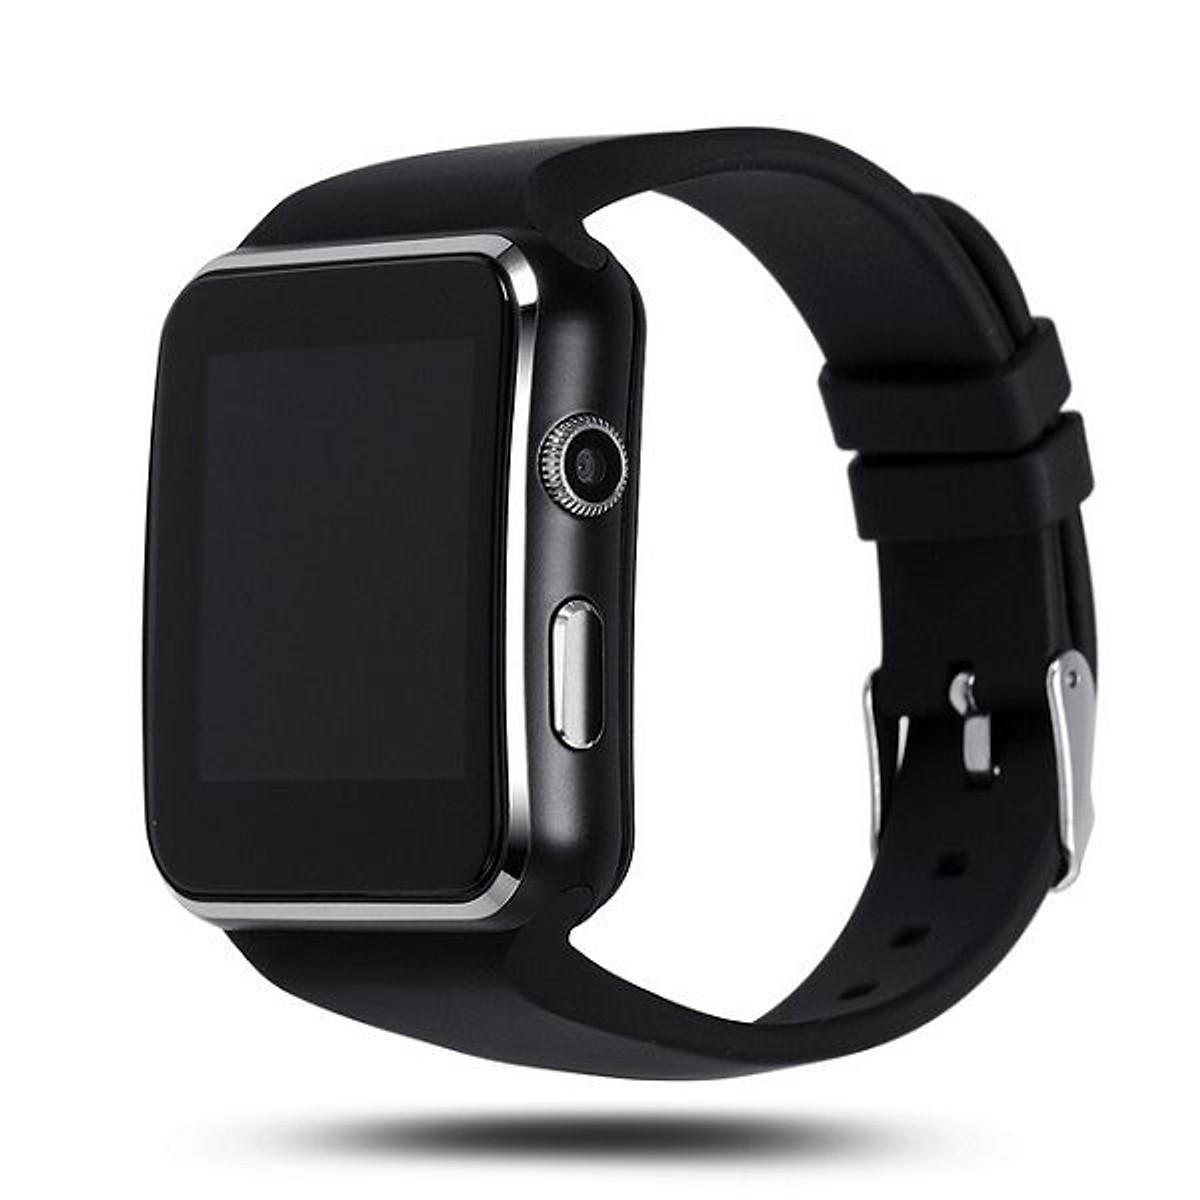 Đồng Hồ Thông Minh Smartwatch Cao Cấp X6/DZ09 Tiếng Việt chính hãng- màu ngẫu nhiên